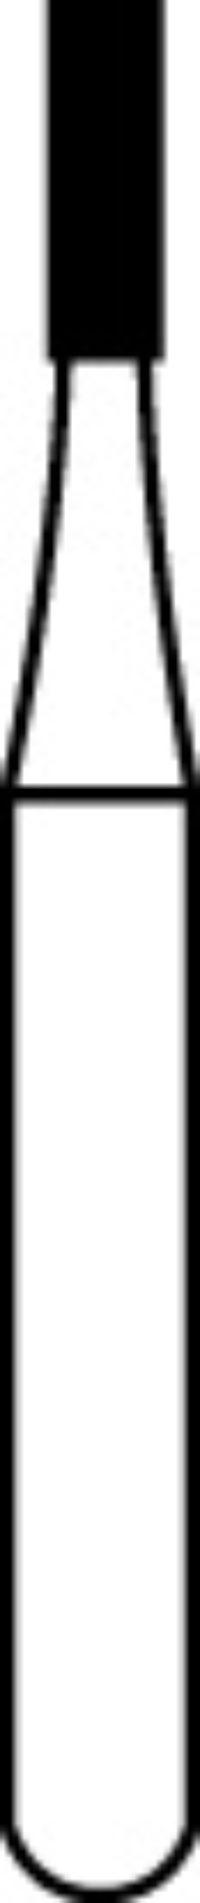 558 Cylinder Flat End Carbide